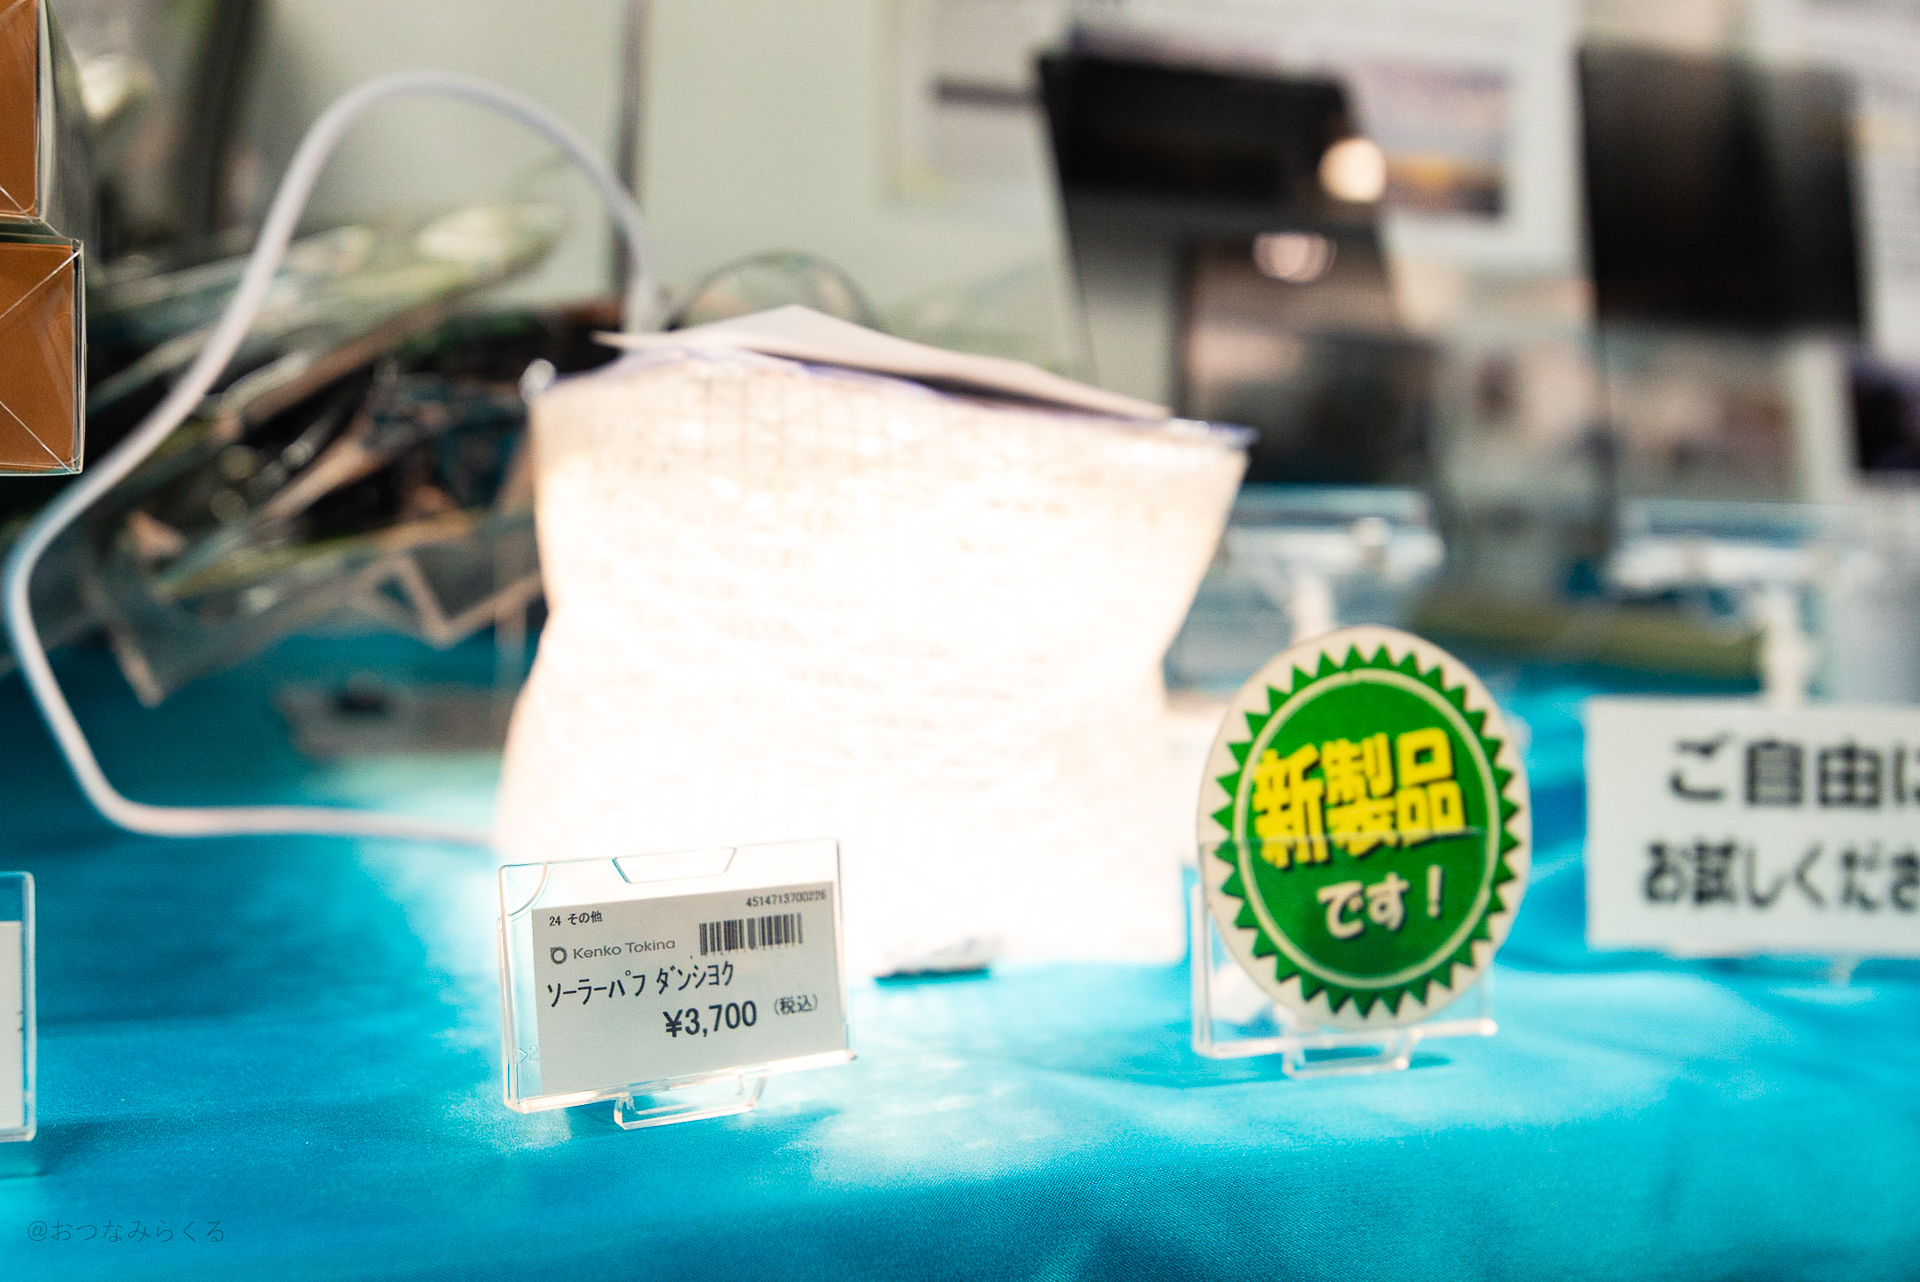 ソーラーパフ暖色 ケンコー・トキナー 最新商品